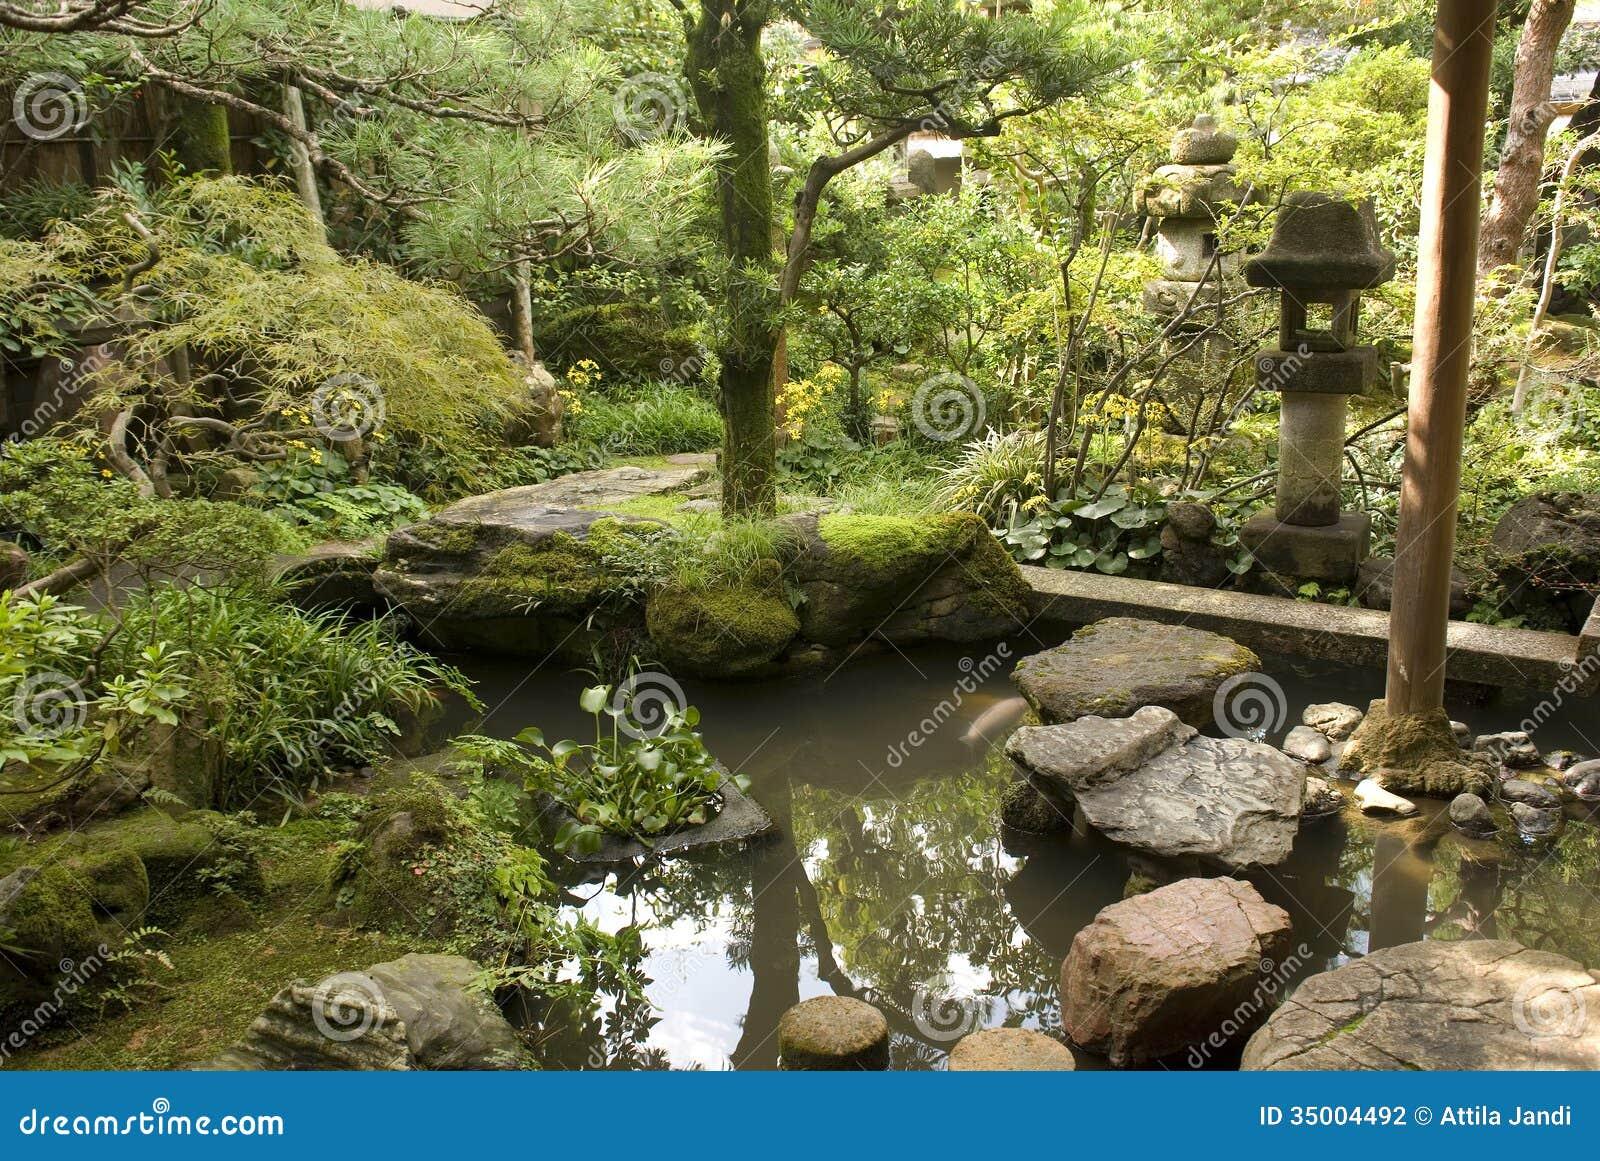 Giardino della casa del samurai kanazawa giappone for Case del giappone